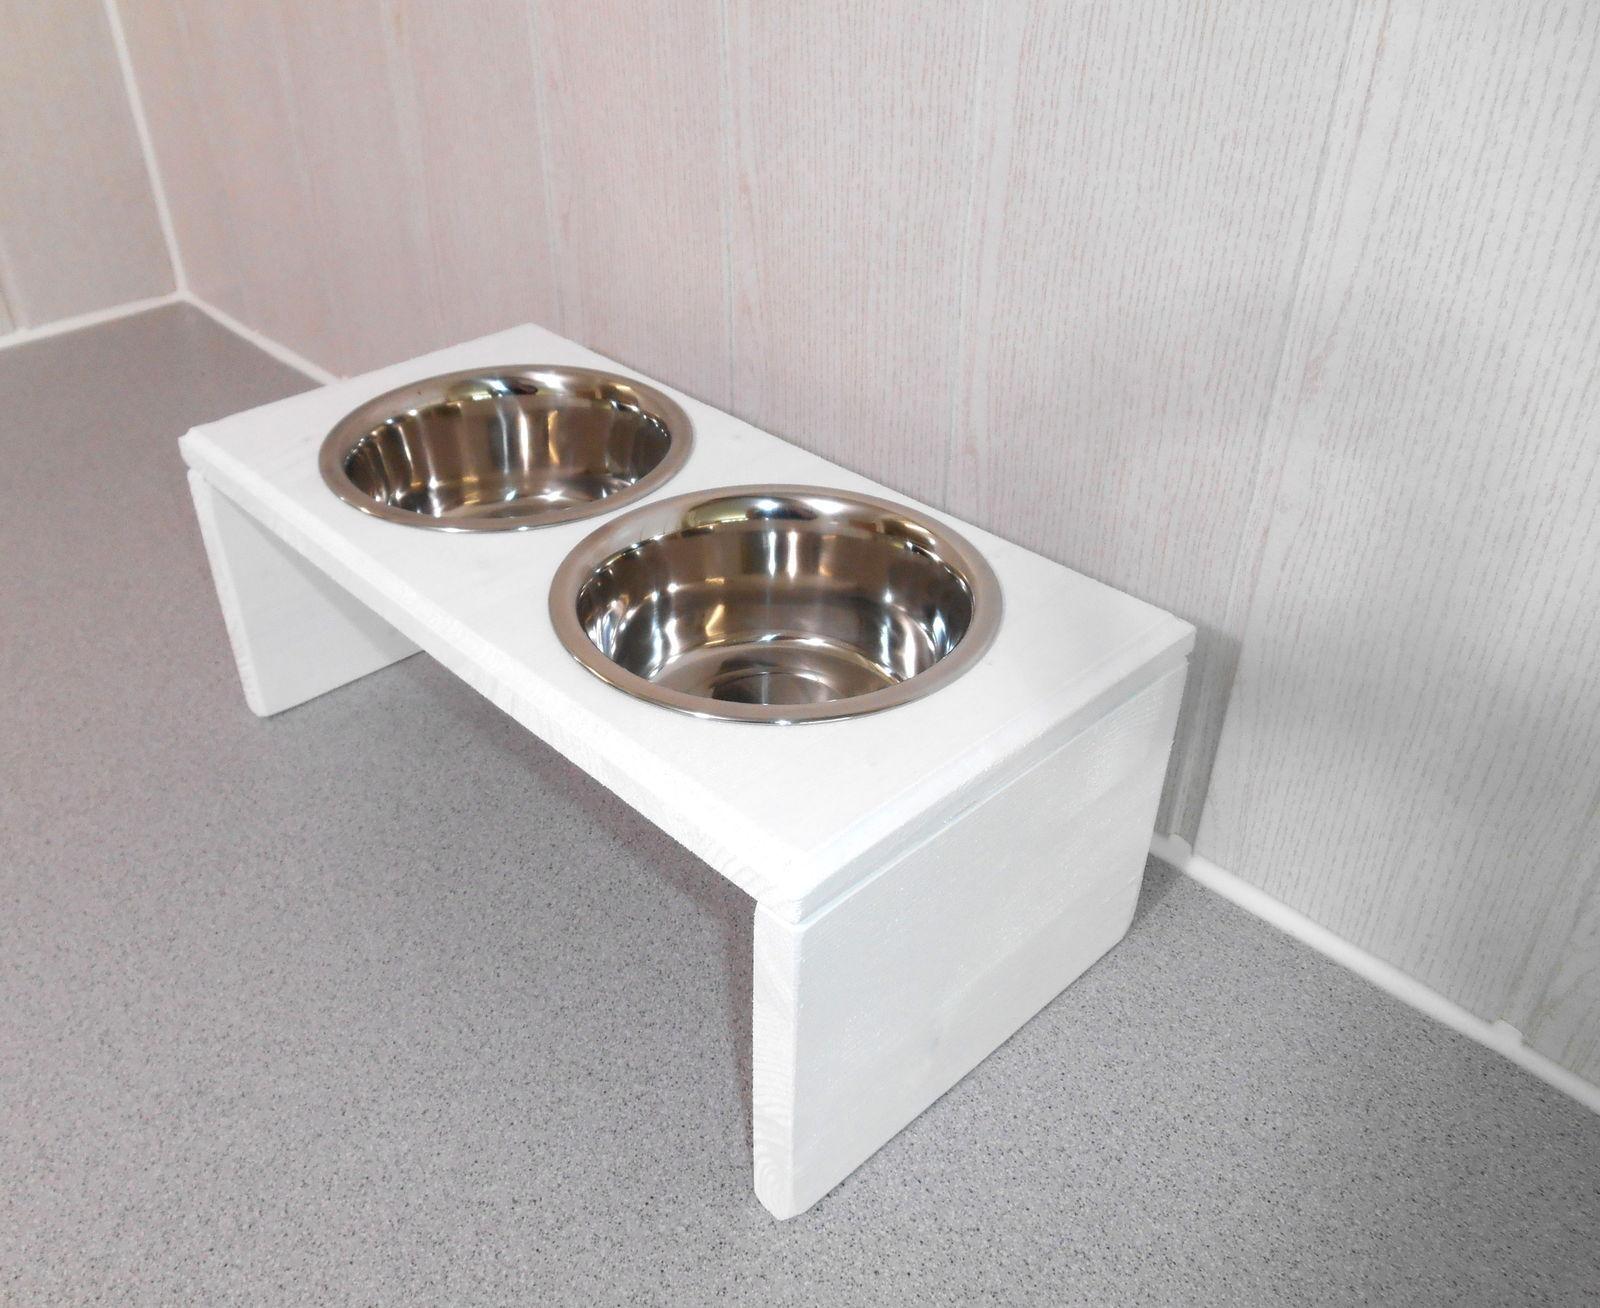 Buche   Hundenapf   weiß, Jede Farbe  Futterstation, Näpfe, Napfhalter (952)  | Jeder beschriebene Artikel ist verfügbar